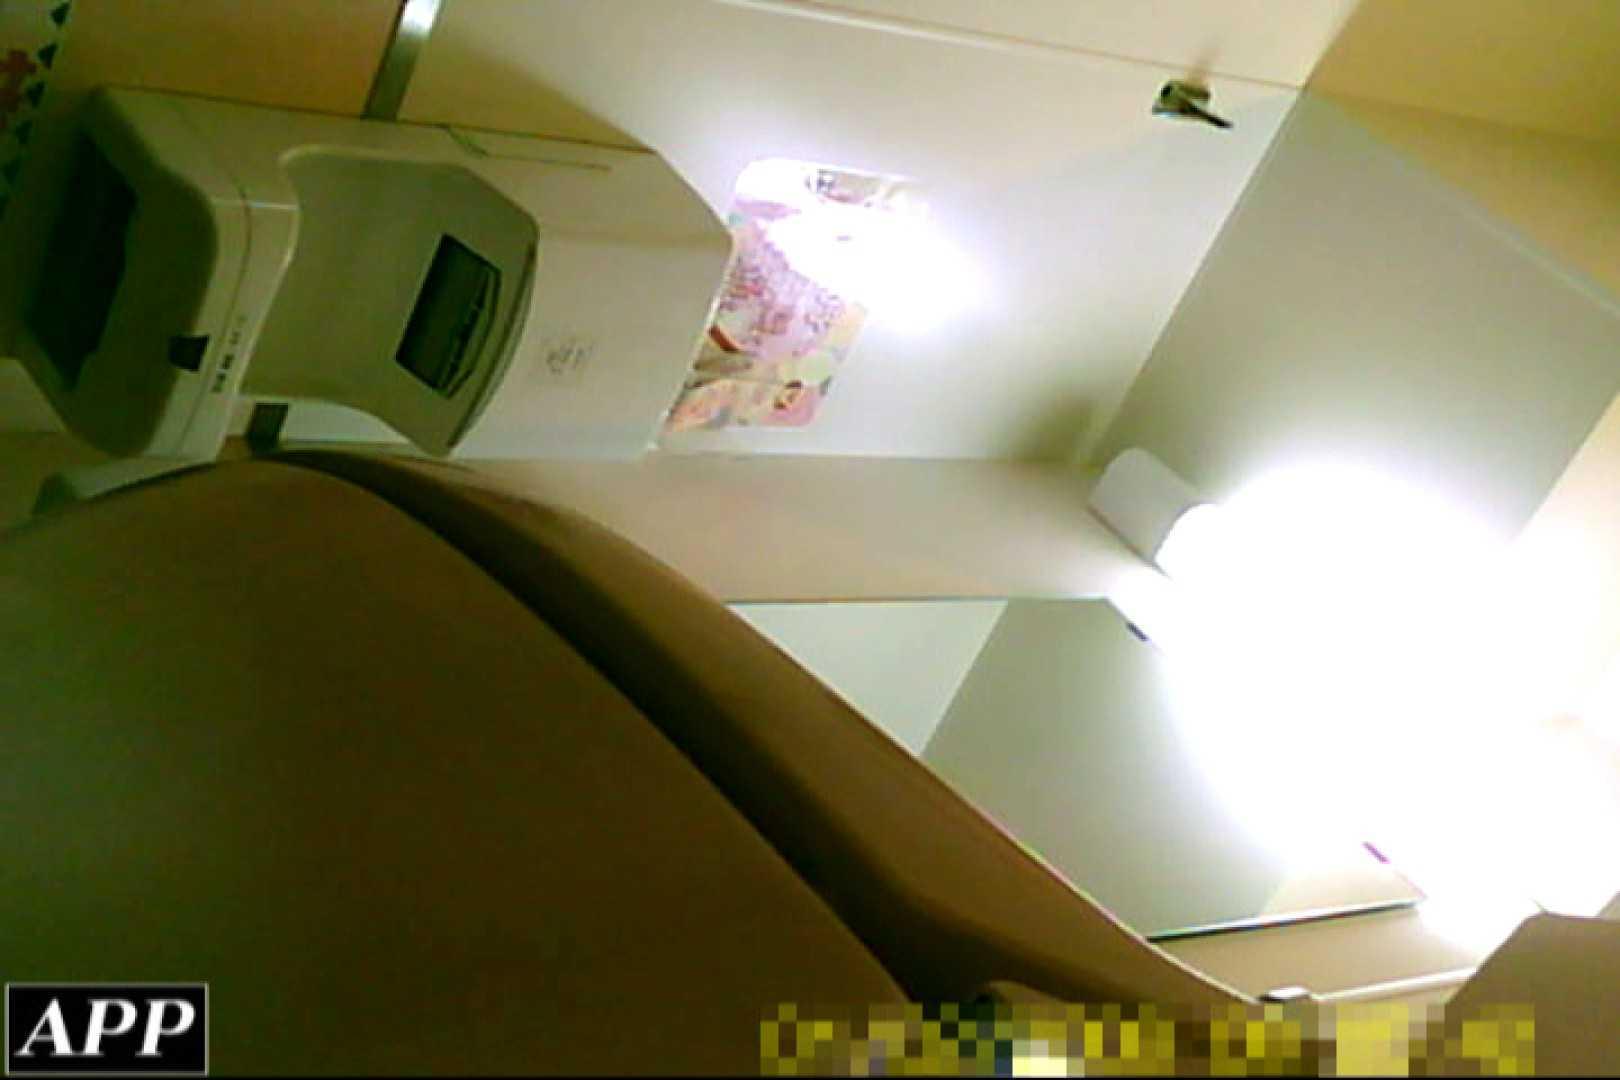 3視点洗面所 vol.006 OLの実態  44pic 4